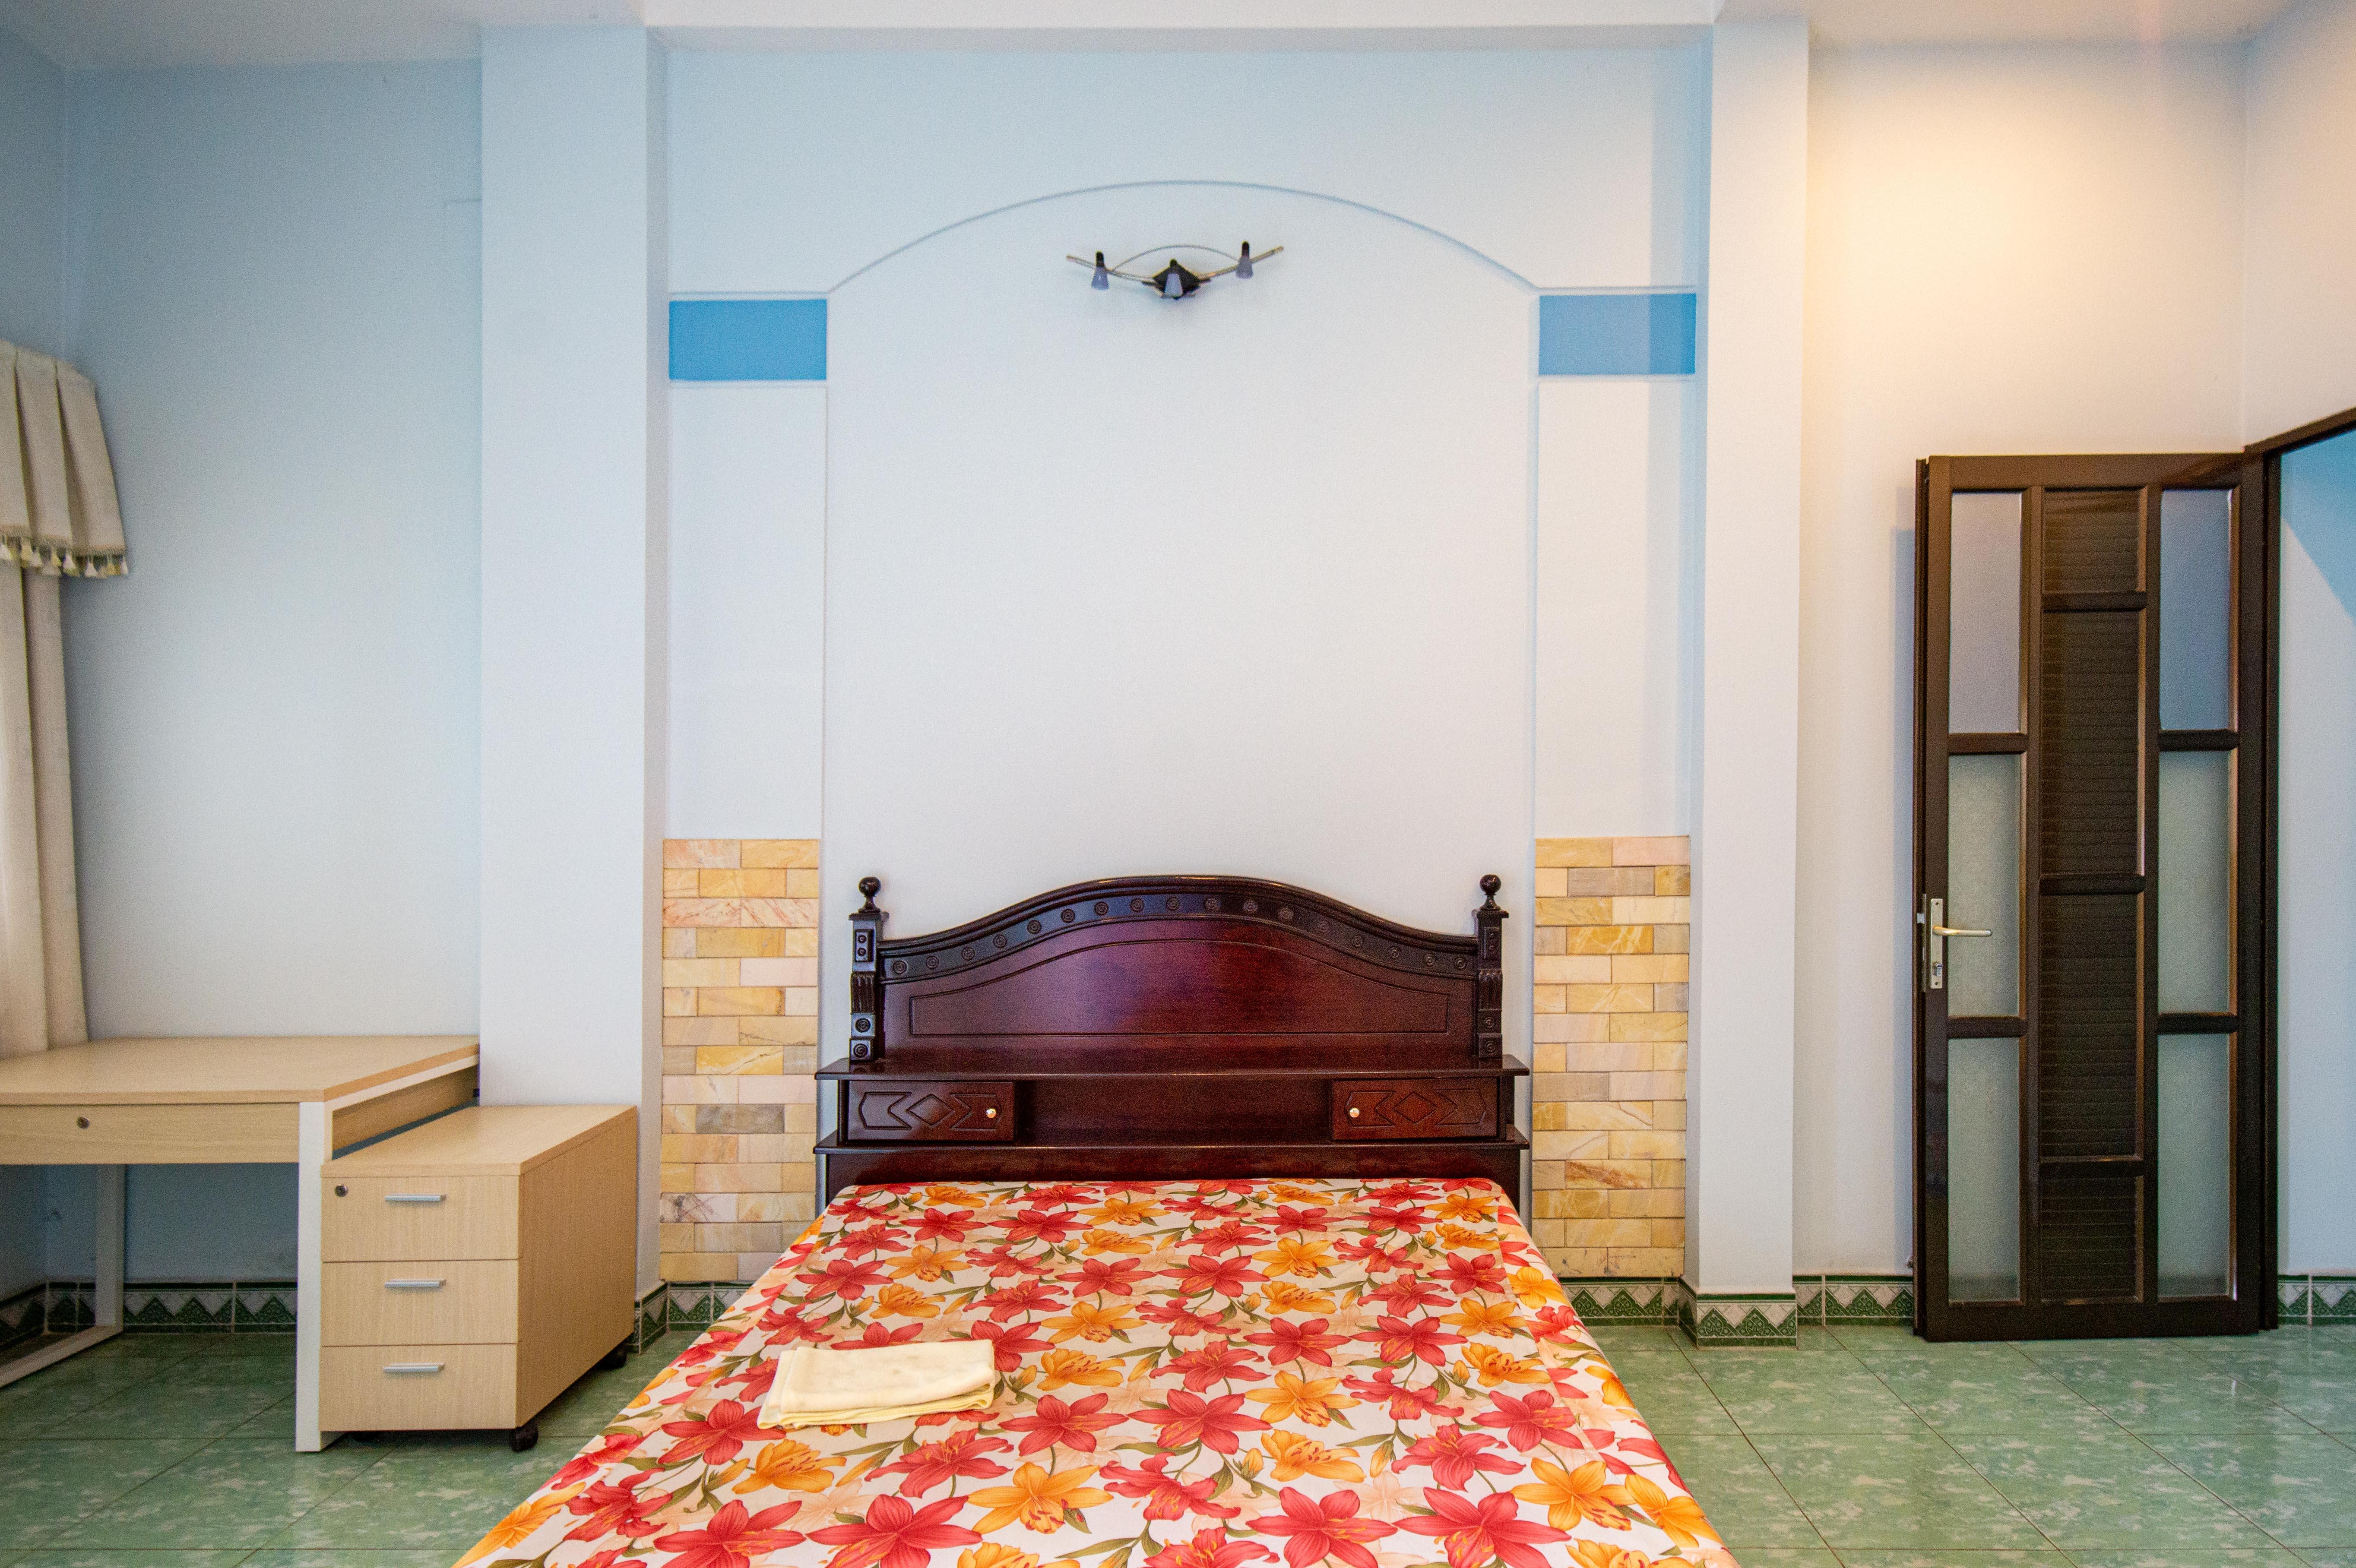 Cho Thuê Căn hộ 1 PN Nguyen Dinh Chieu D3 Apartment - Có Bồn Tắm -4